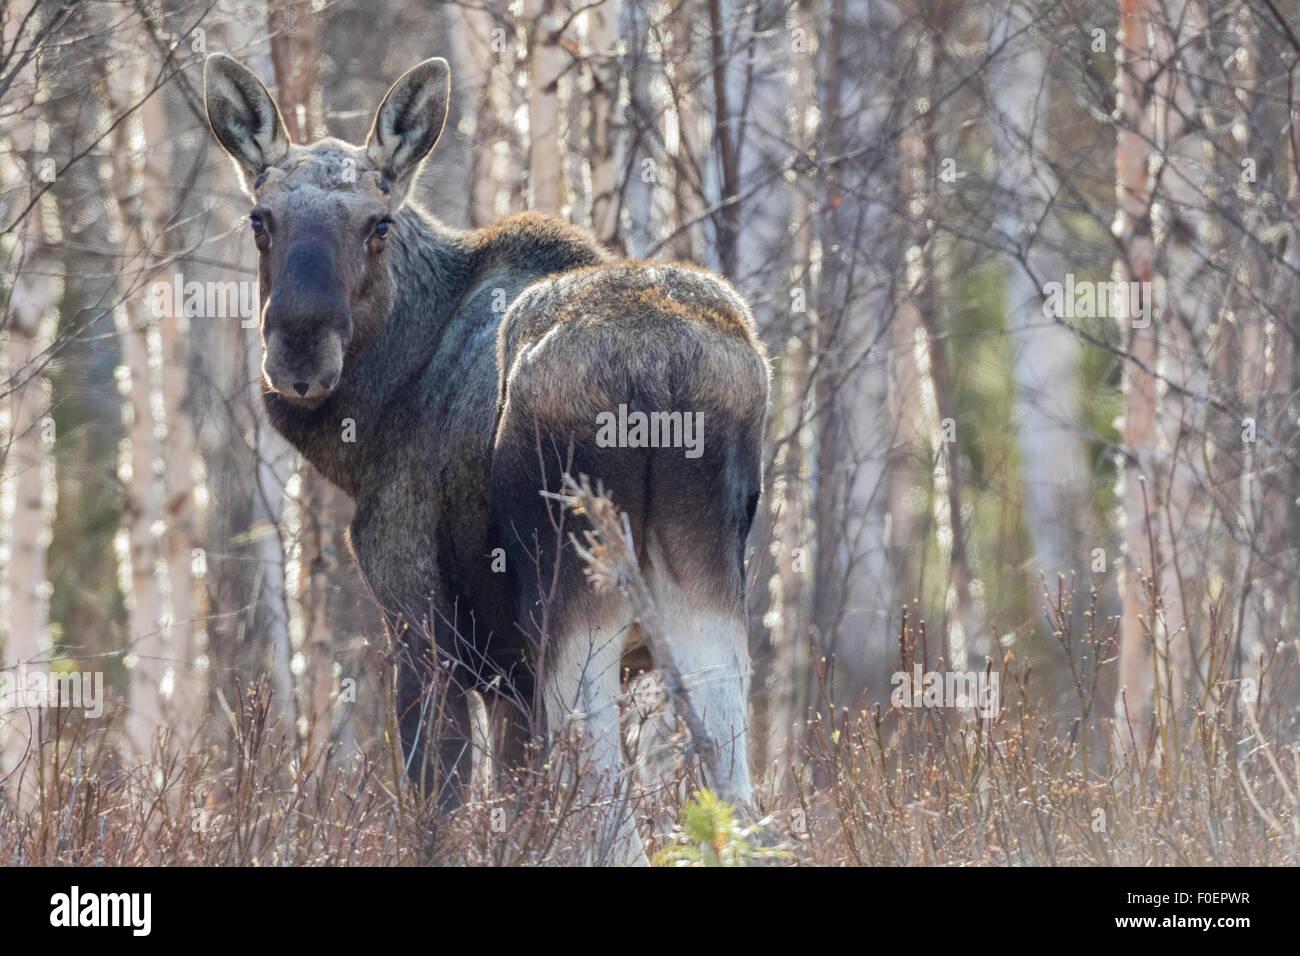 Alci, Alces alces, in piedi tra le betulle senza foglie, llooking alla fotocamera, Gällivare, Lapponia svedese, Foto Stock